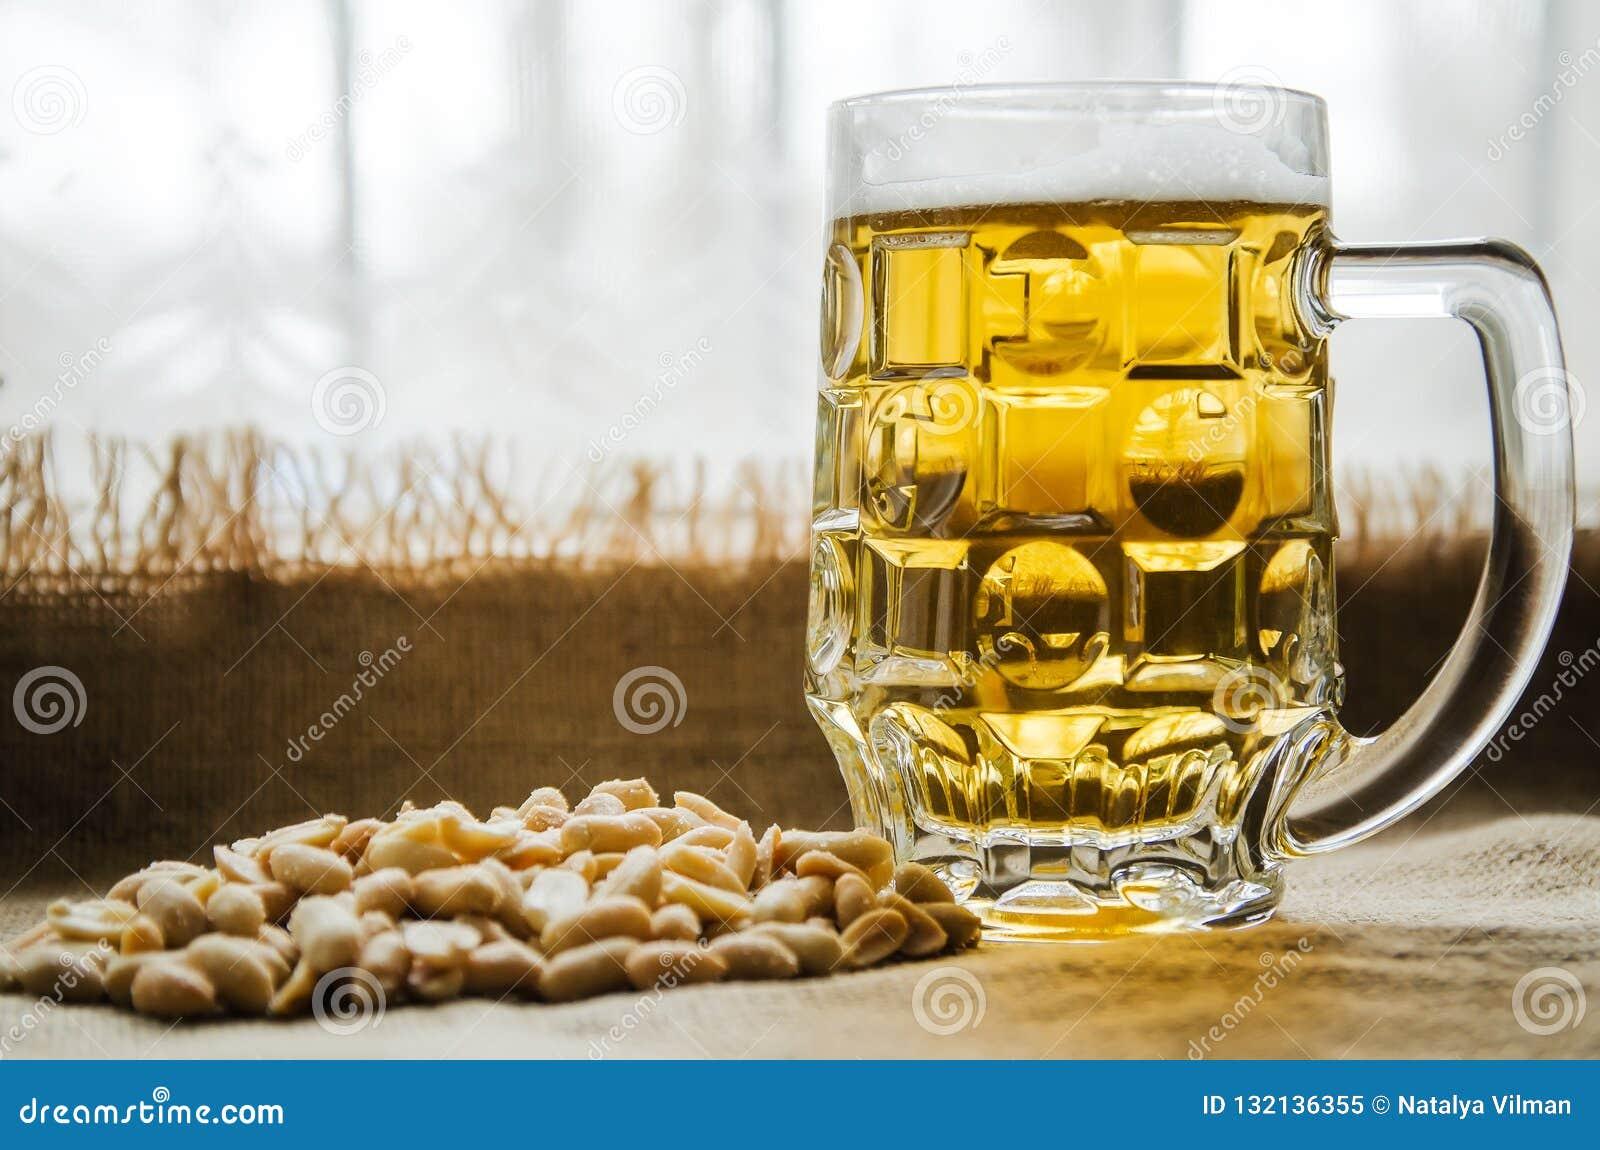 Becher mit Bier und gesalzenen Erdnüssen auf dem Tisch